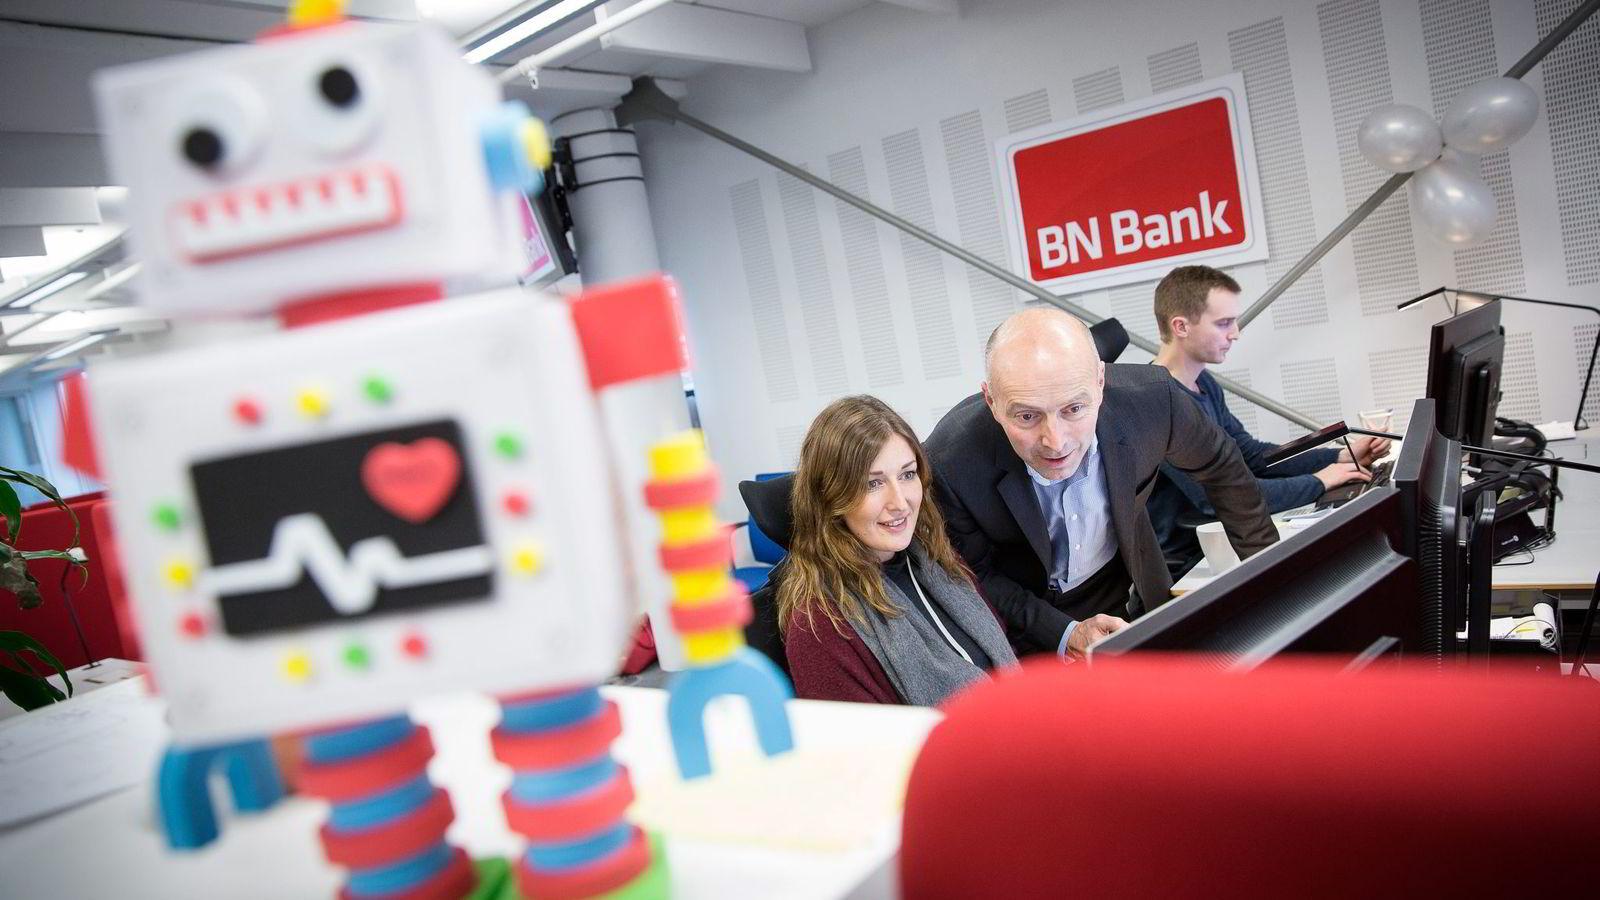 BN Bank-direktør Gunnar Hovland (i midten) er, i motsetning til mange norske ledere, positiv til robotenes inntog. Her i bankens lokaler i Trondheim sammen med kundekonsulentene Rita Danielsen (35) og Bernt Oskar Bugge (27).